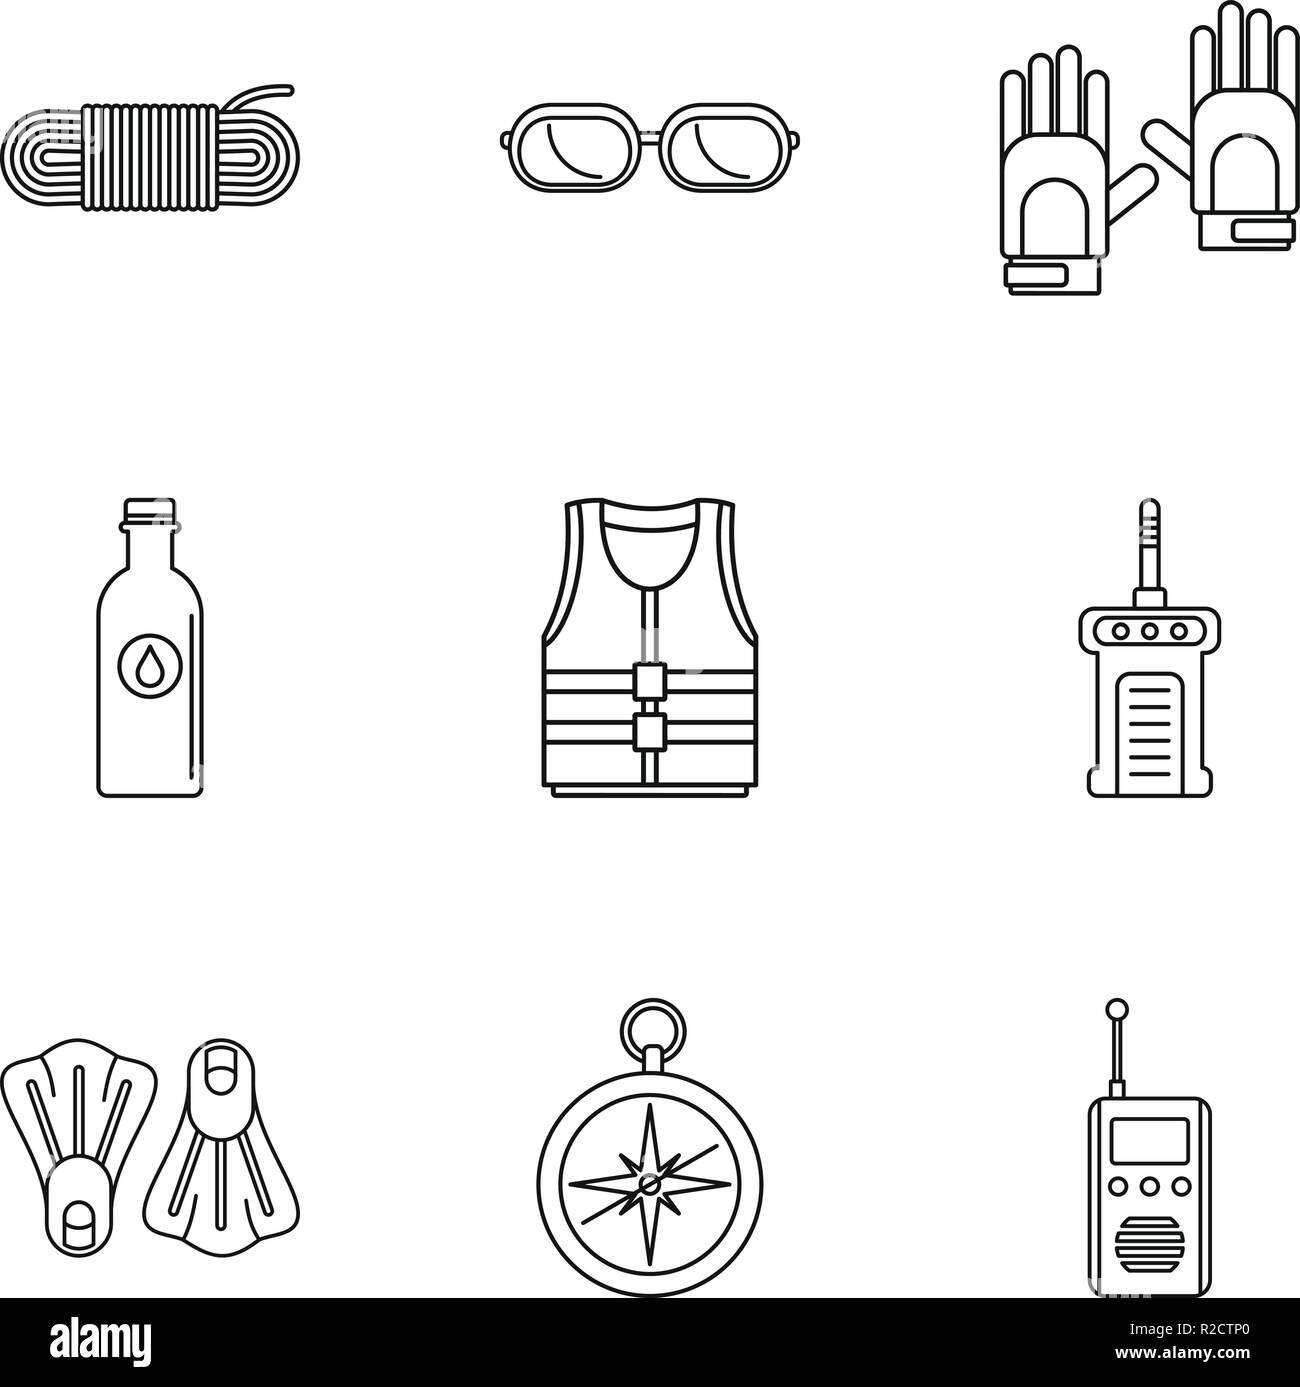 L'immergeant icons set. Ensemble de 9 grandes lignes l'immergeant vector icons for web isolé sur fond blanc Photo Stock